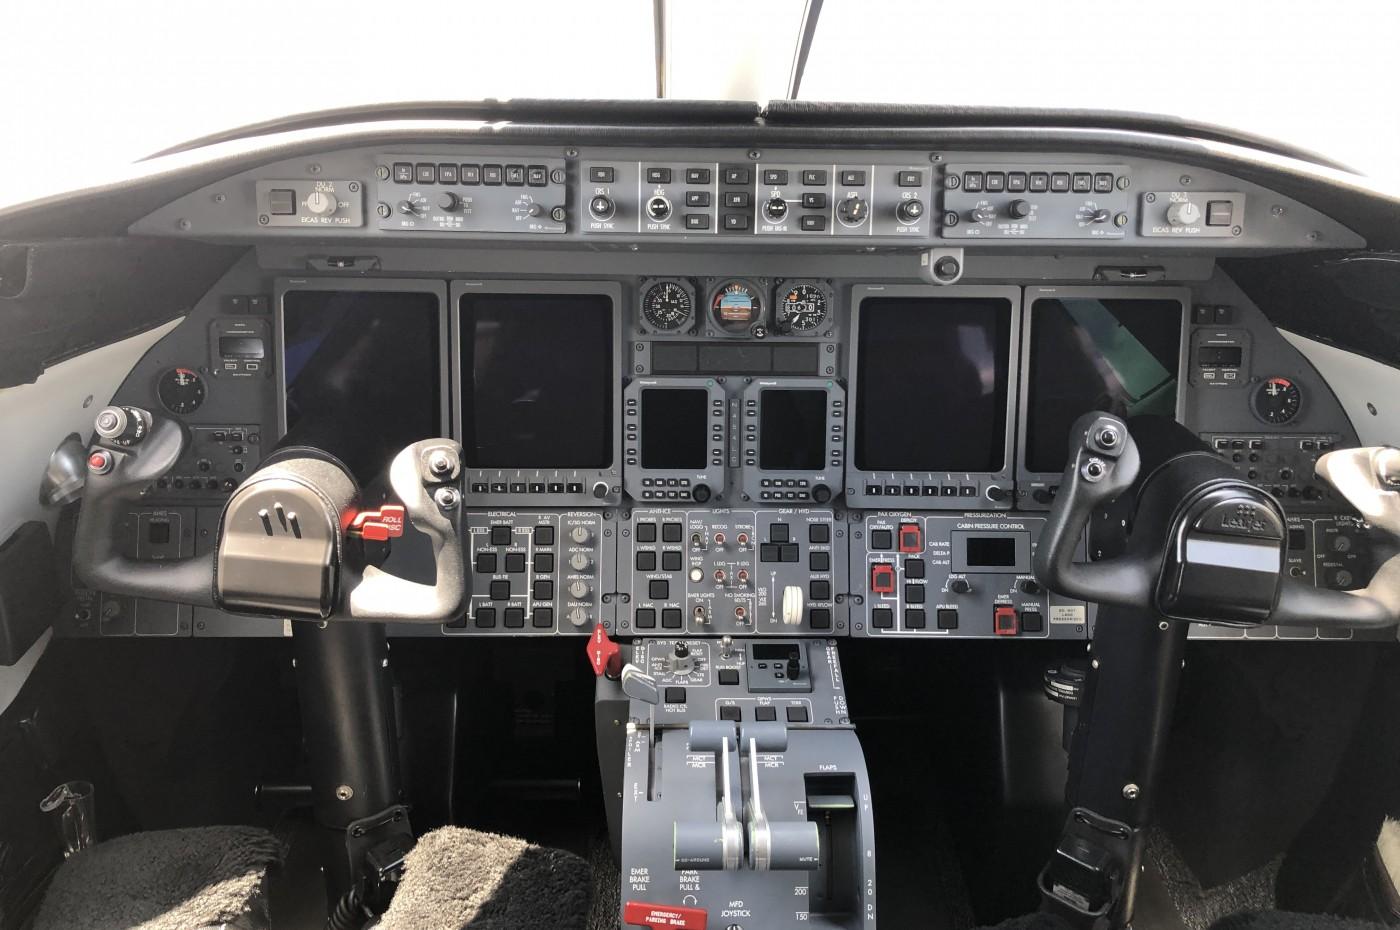 Learjet 45XR Cockpit